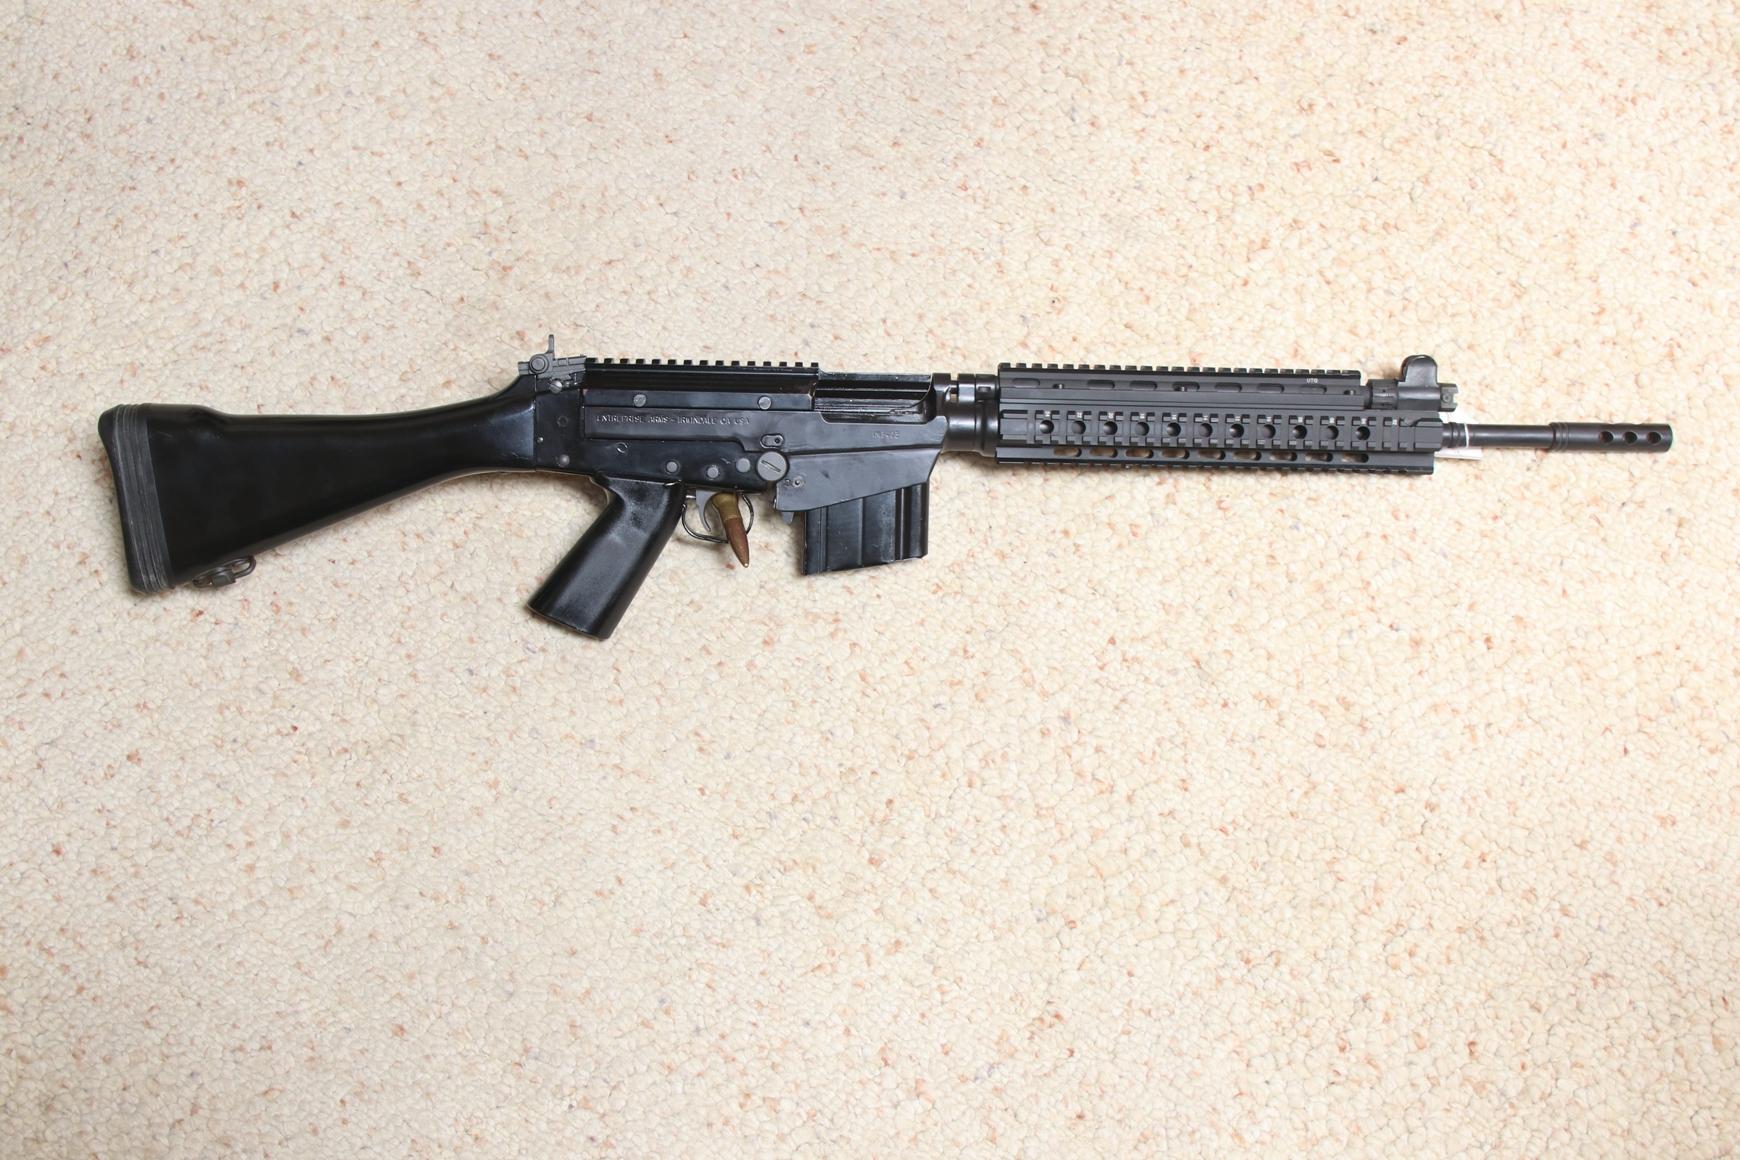 Enterprise Arms - Type 3 (L1A1), 5 62 ( 308) rifle  $700 00